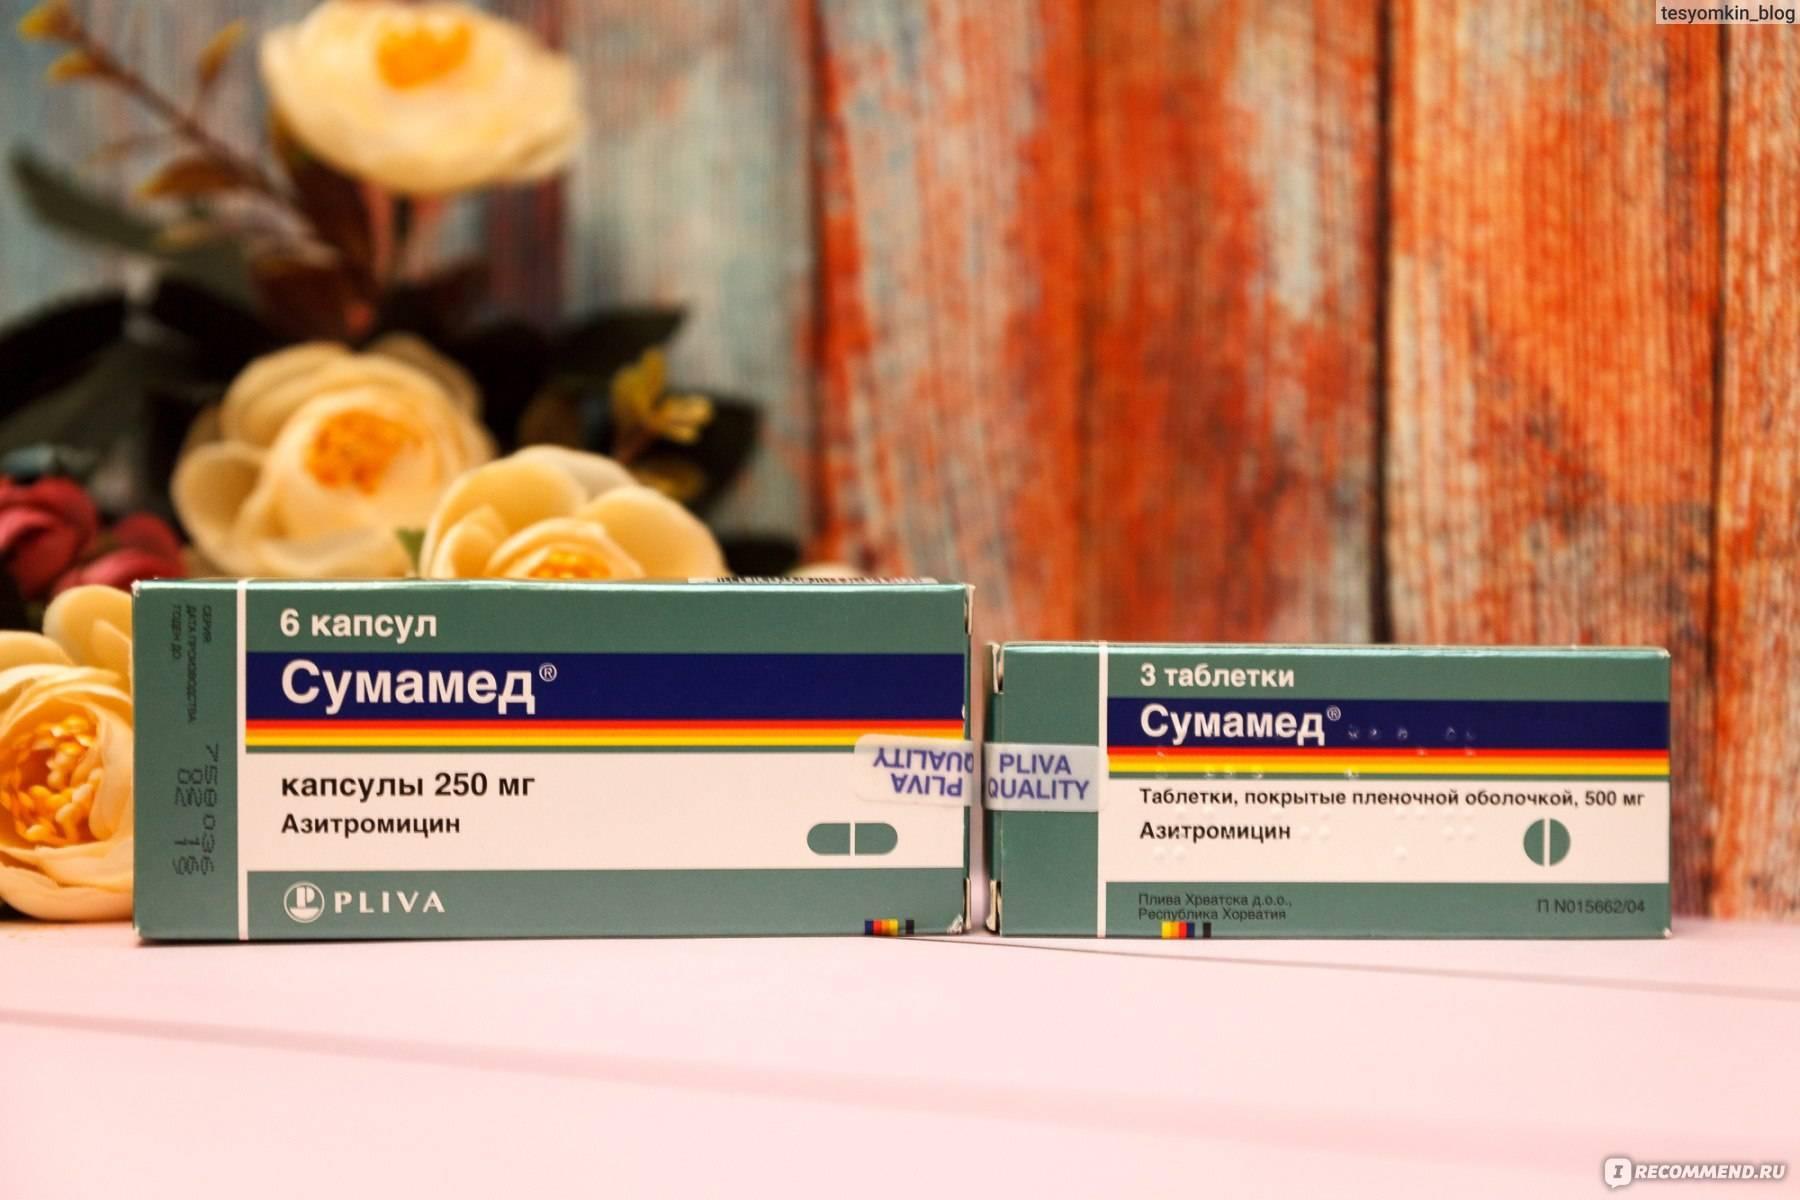 Сумамед для детей: инструкция по применению суспензии, таблеток и капсул, состав, дозировка, аналоги антибиотика